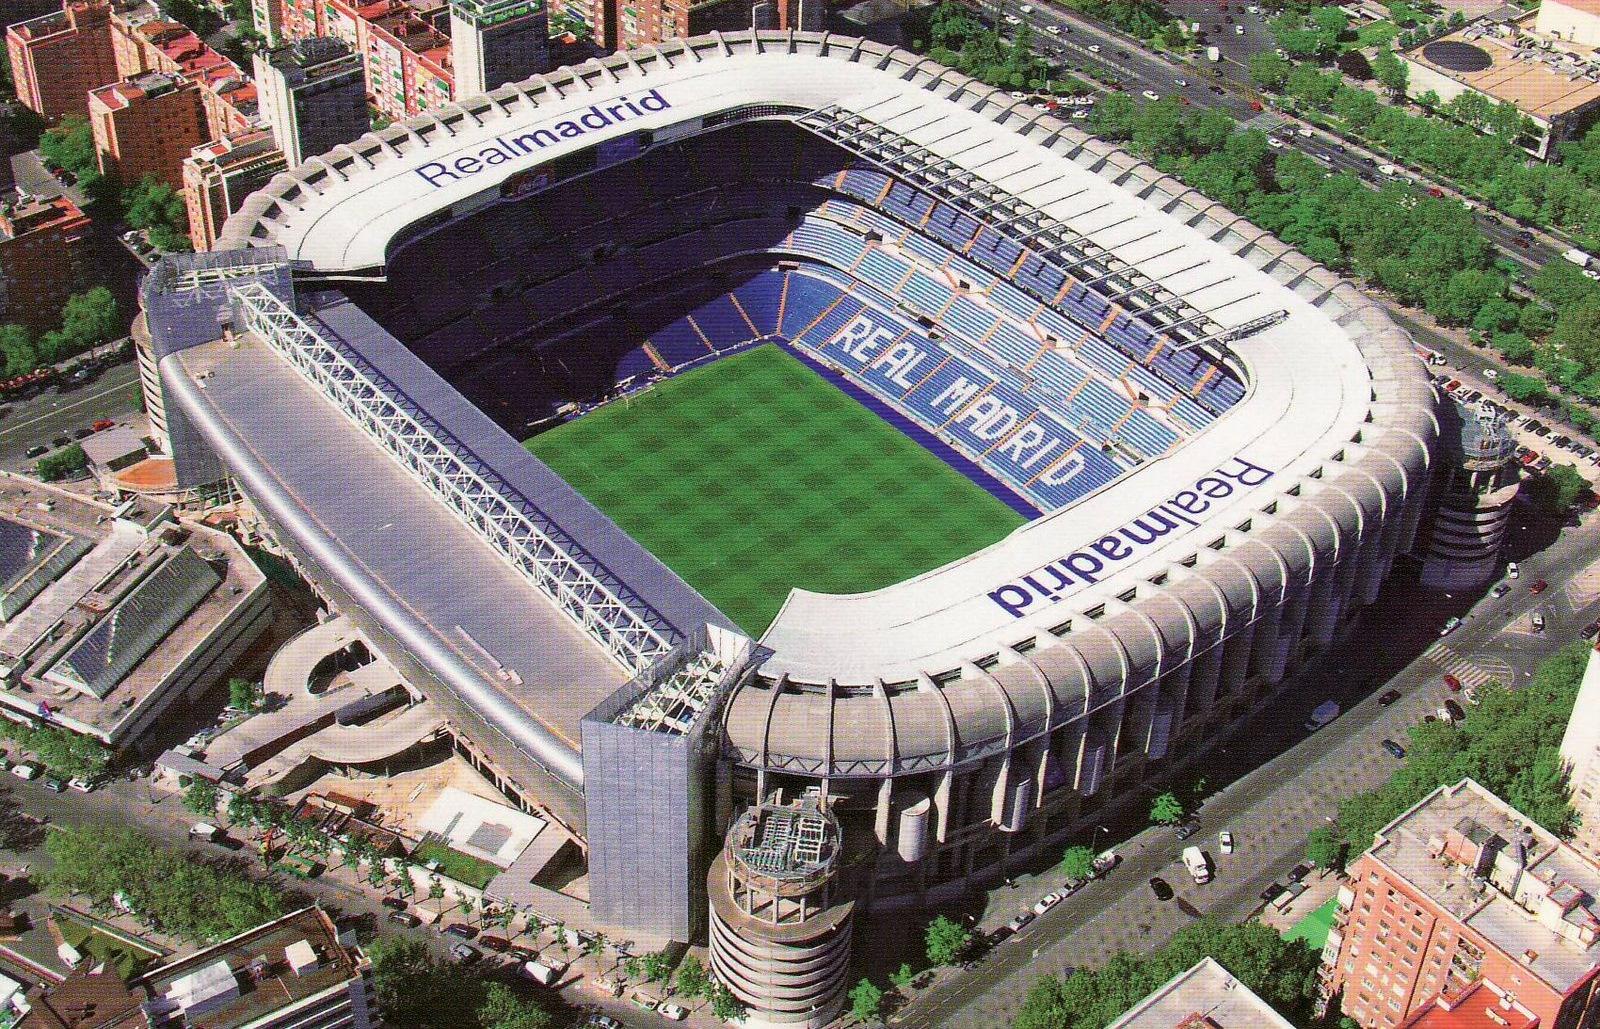 Los 5 mejores estadios de fútbol España según TripAdvisor